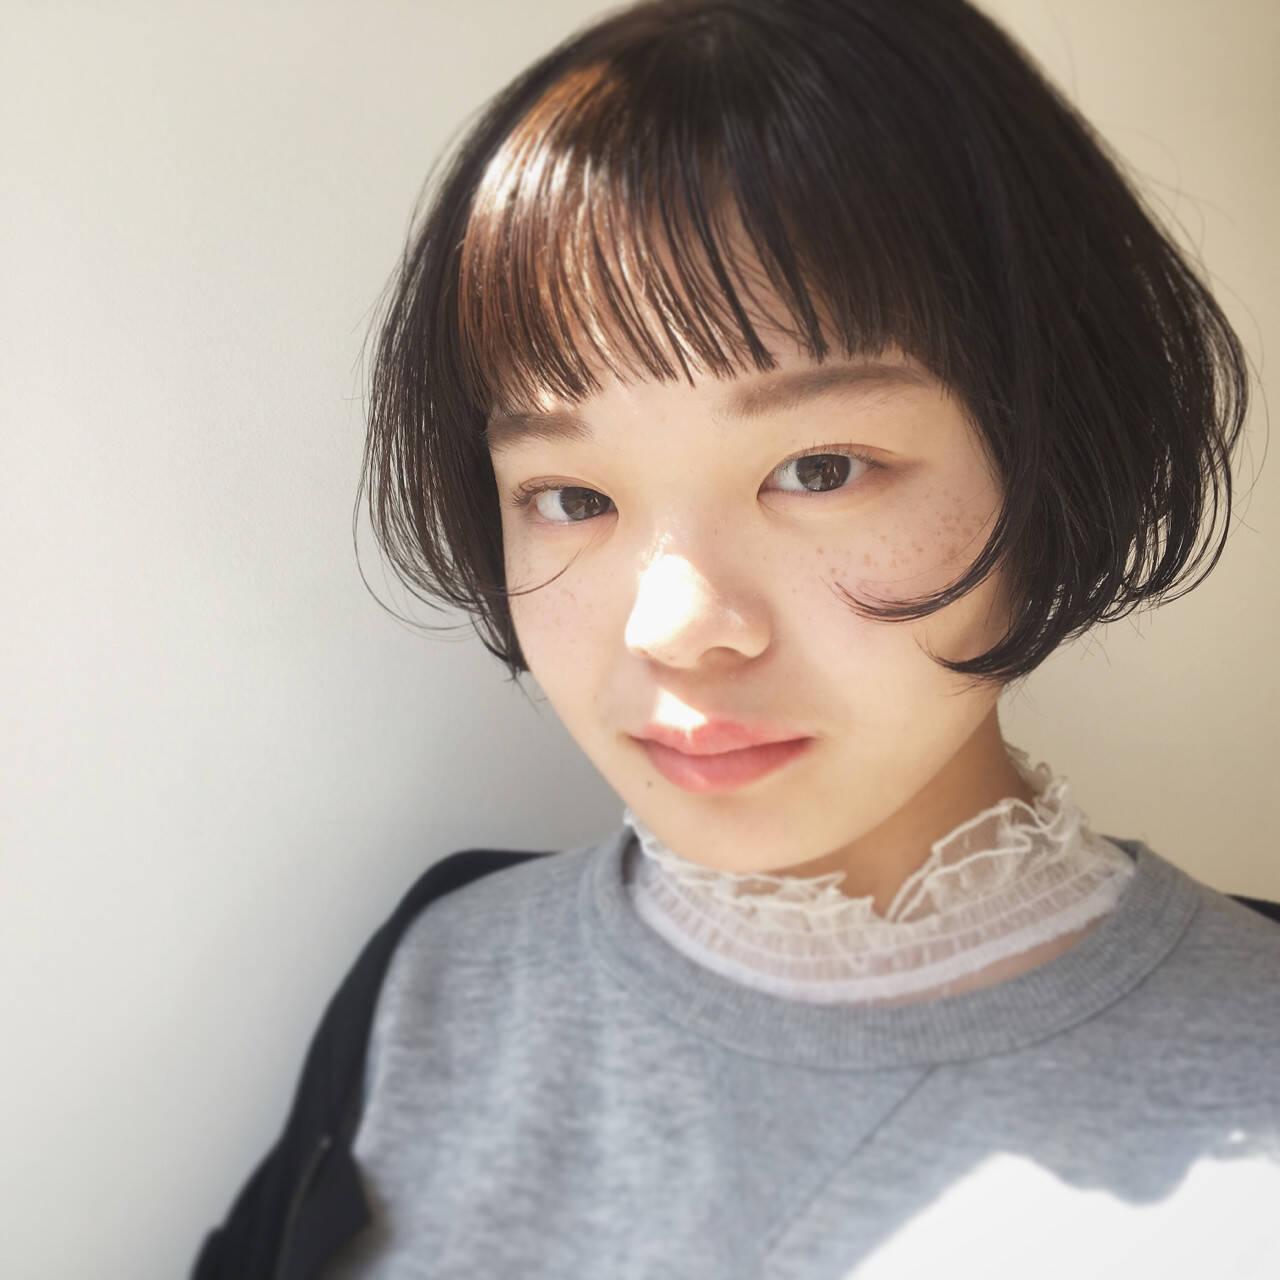 ナチュラル ヘアアレンジ 抜け感 ウェットヘアヘアスタイルや髪型の写真・画像